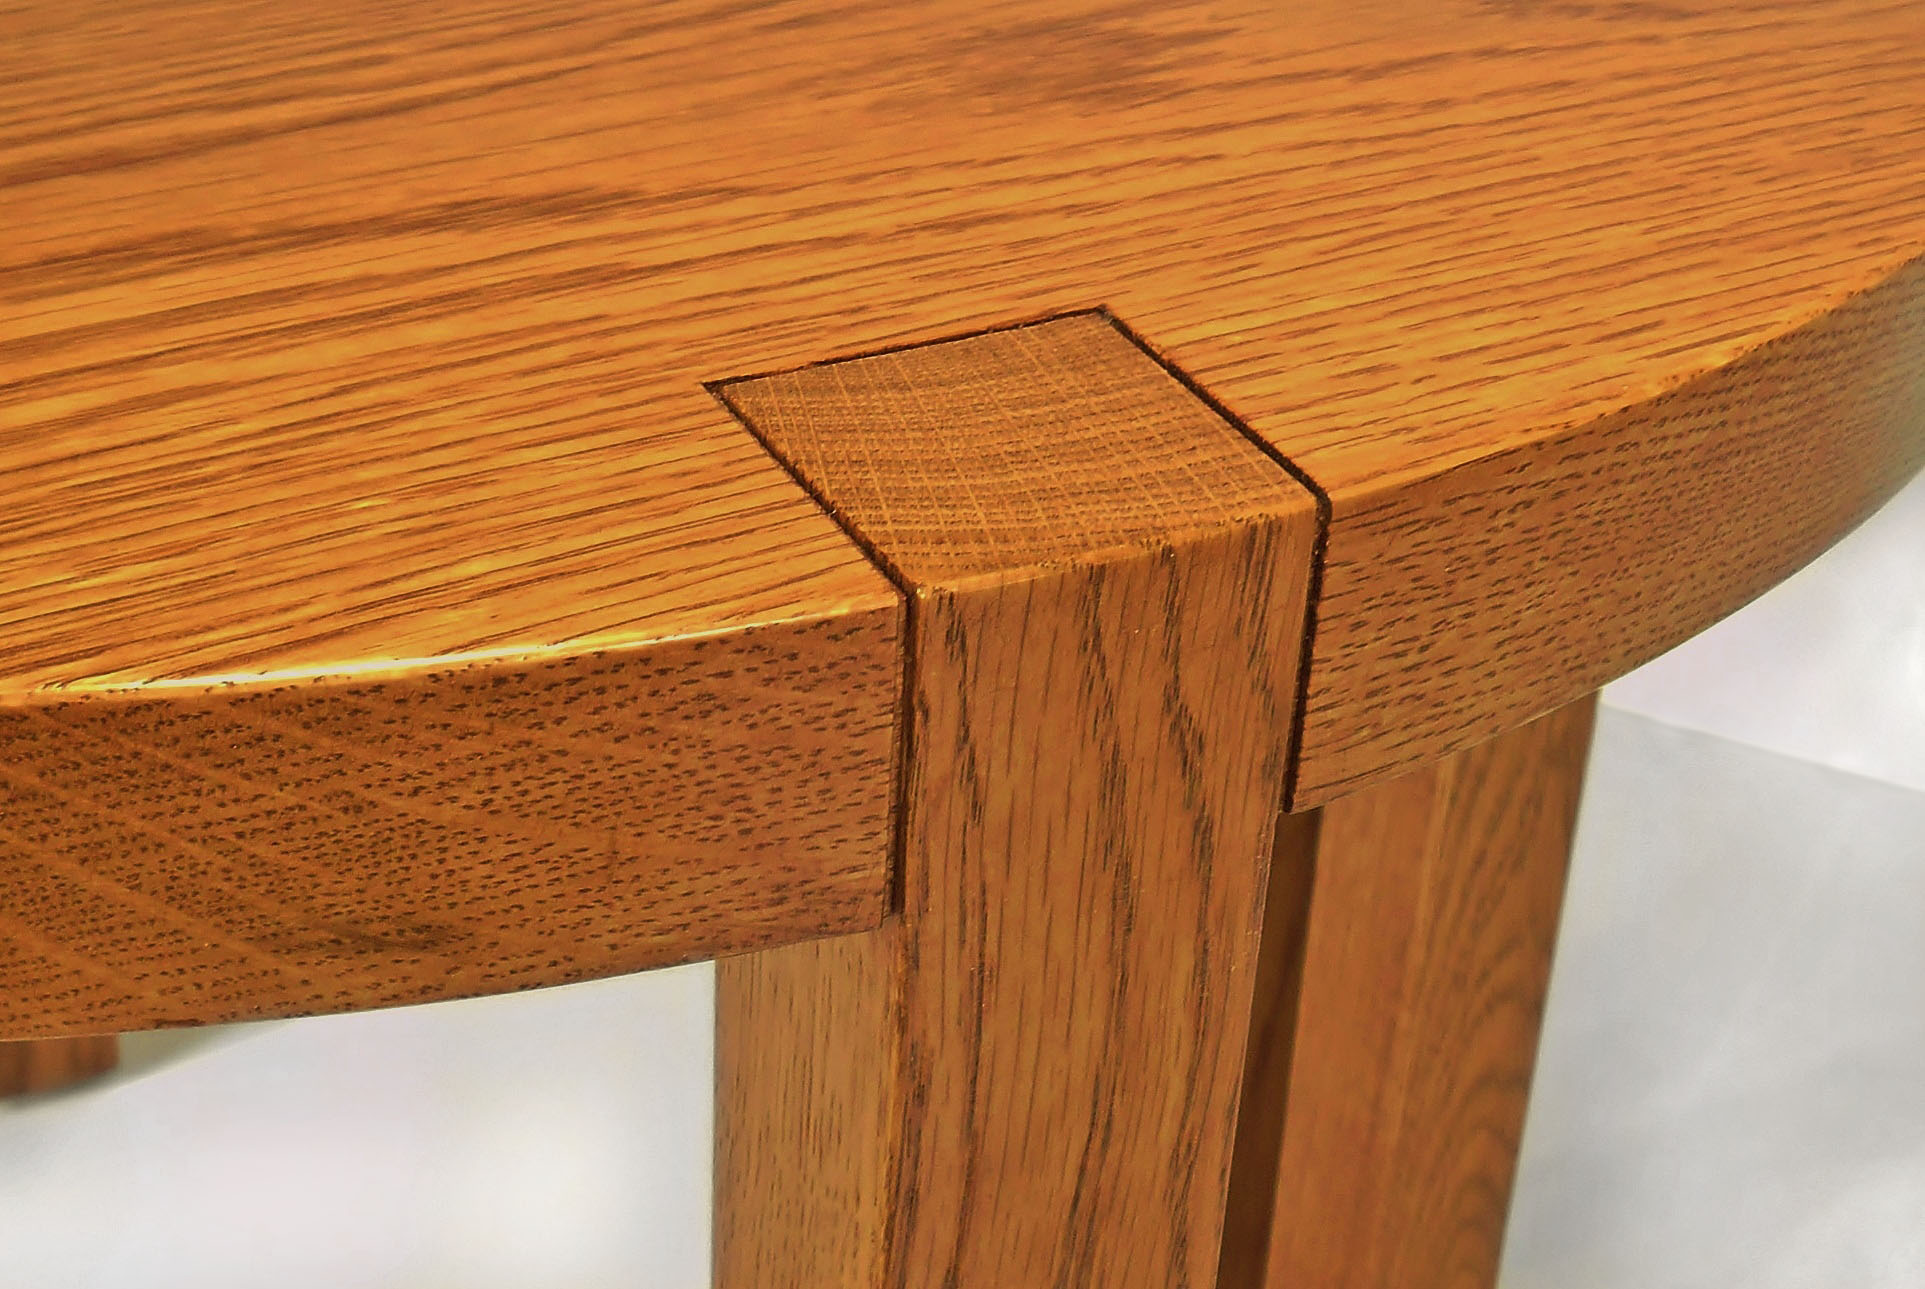 half round table detail2.jpg